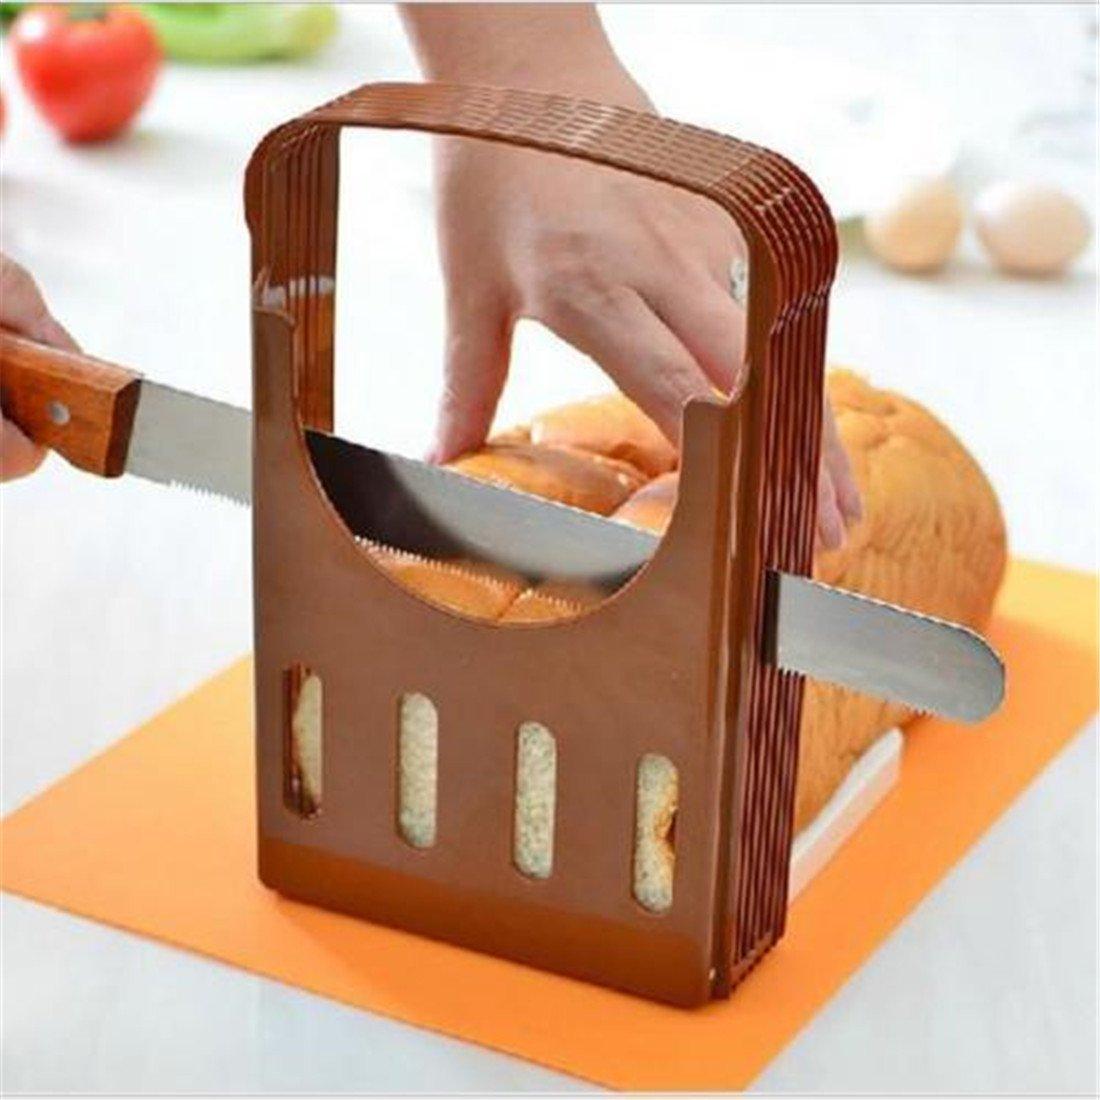 CanVivi kreative Brotschneider Brotbretter verstellbare Brot Schneiden Hilfswerkzeug Allesschneider